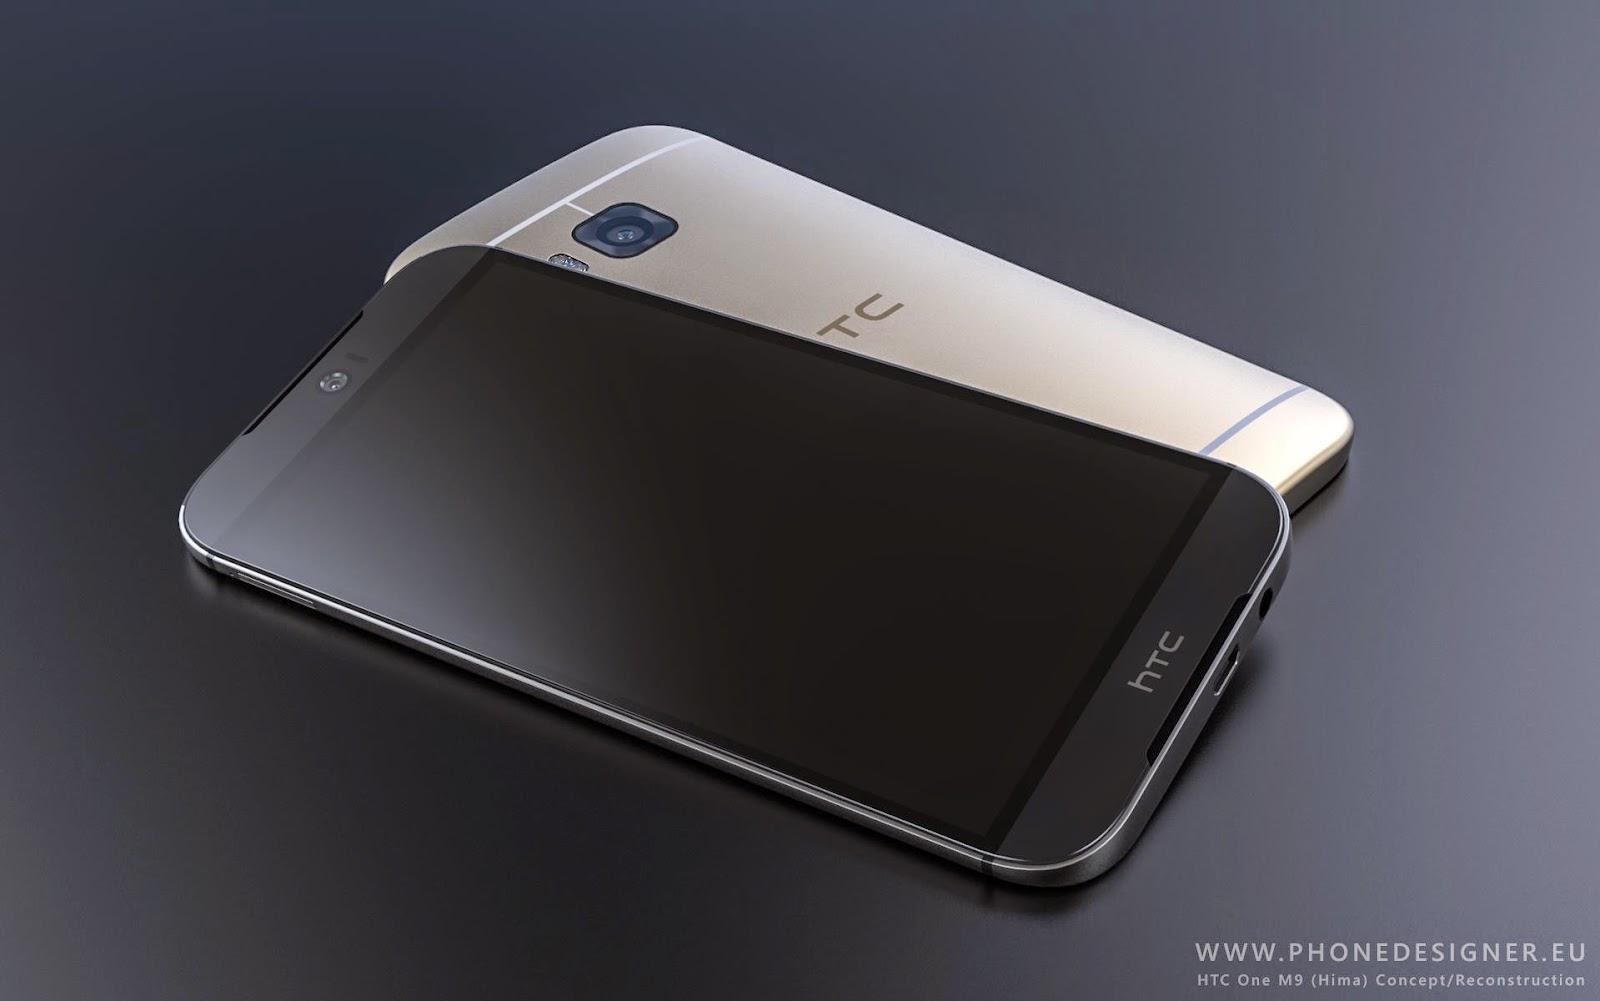 Hp Android Terbaru, Spesifikasi Smartphone Android kamera Terbaik HTC One M9 Terbaru